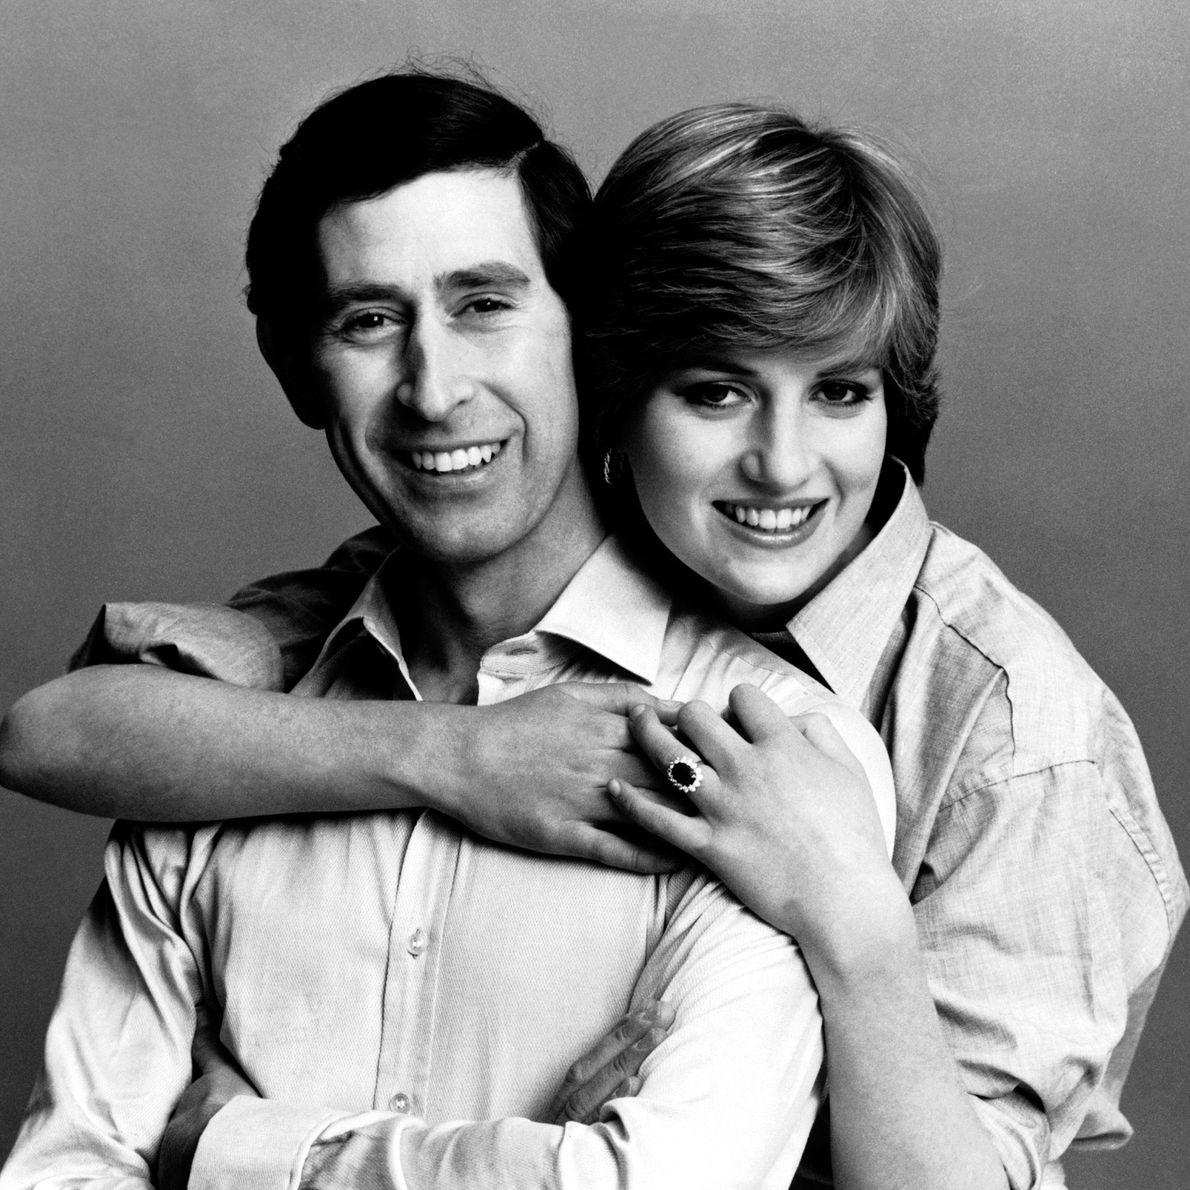 Días antes de su boda, el príncipe Carlos y Lady Di posan juntos. Julio de 1981.